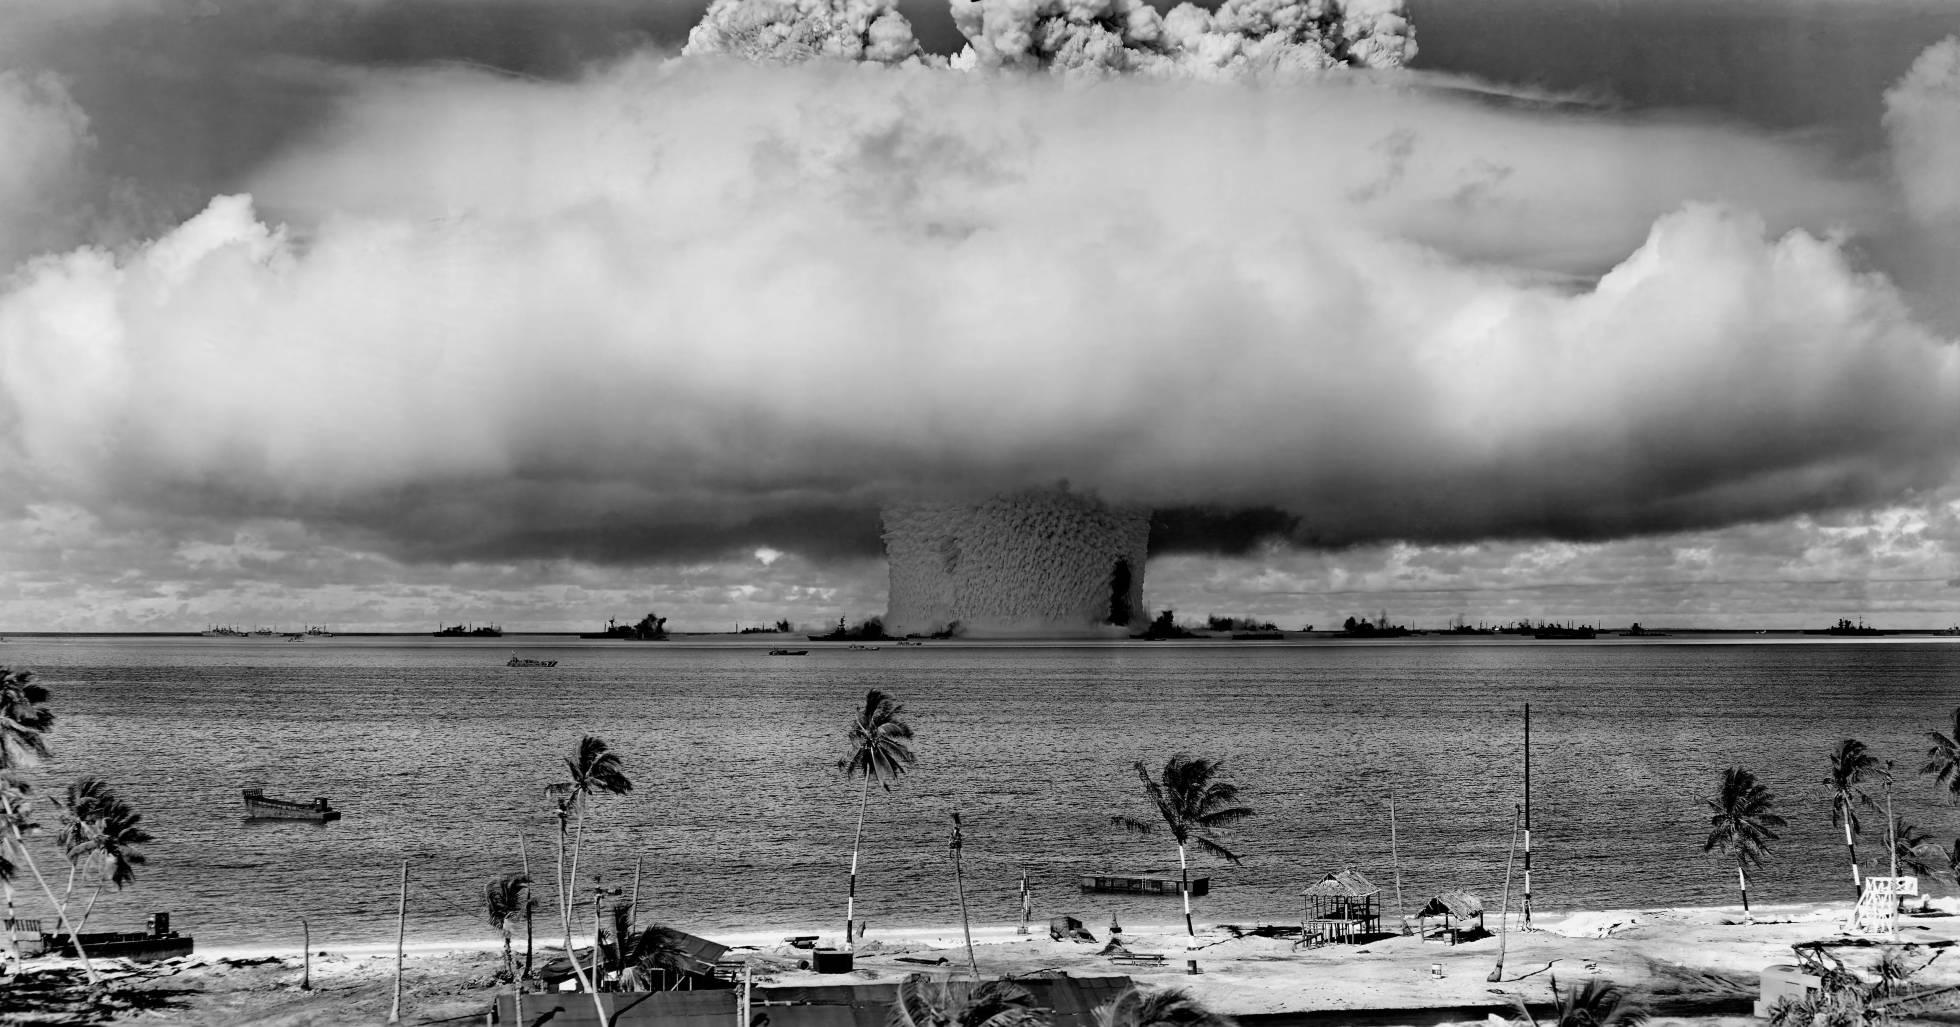 Los isótopos radiactivos depositados en todo el globo tras los ensayos con armas nucleares marcan la entrada en el Antropoceno.